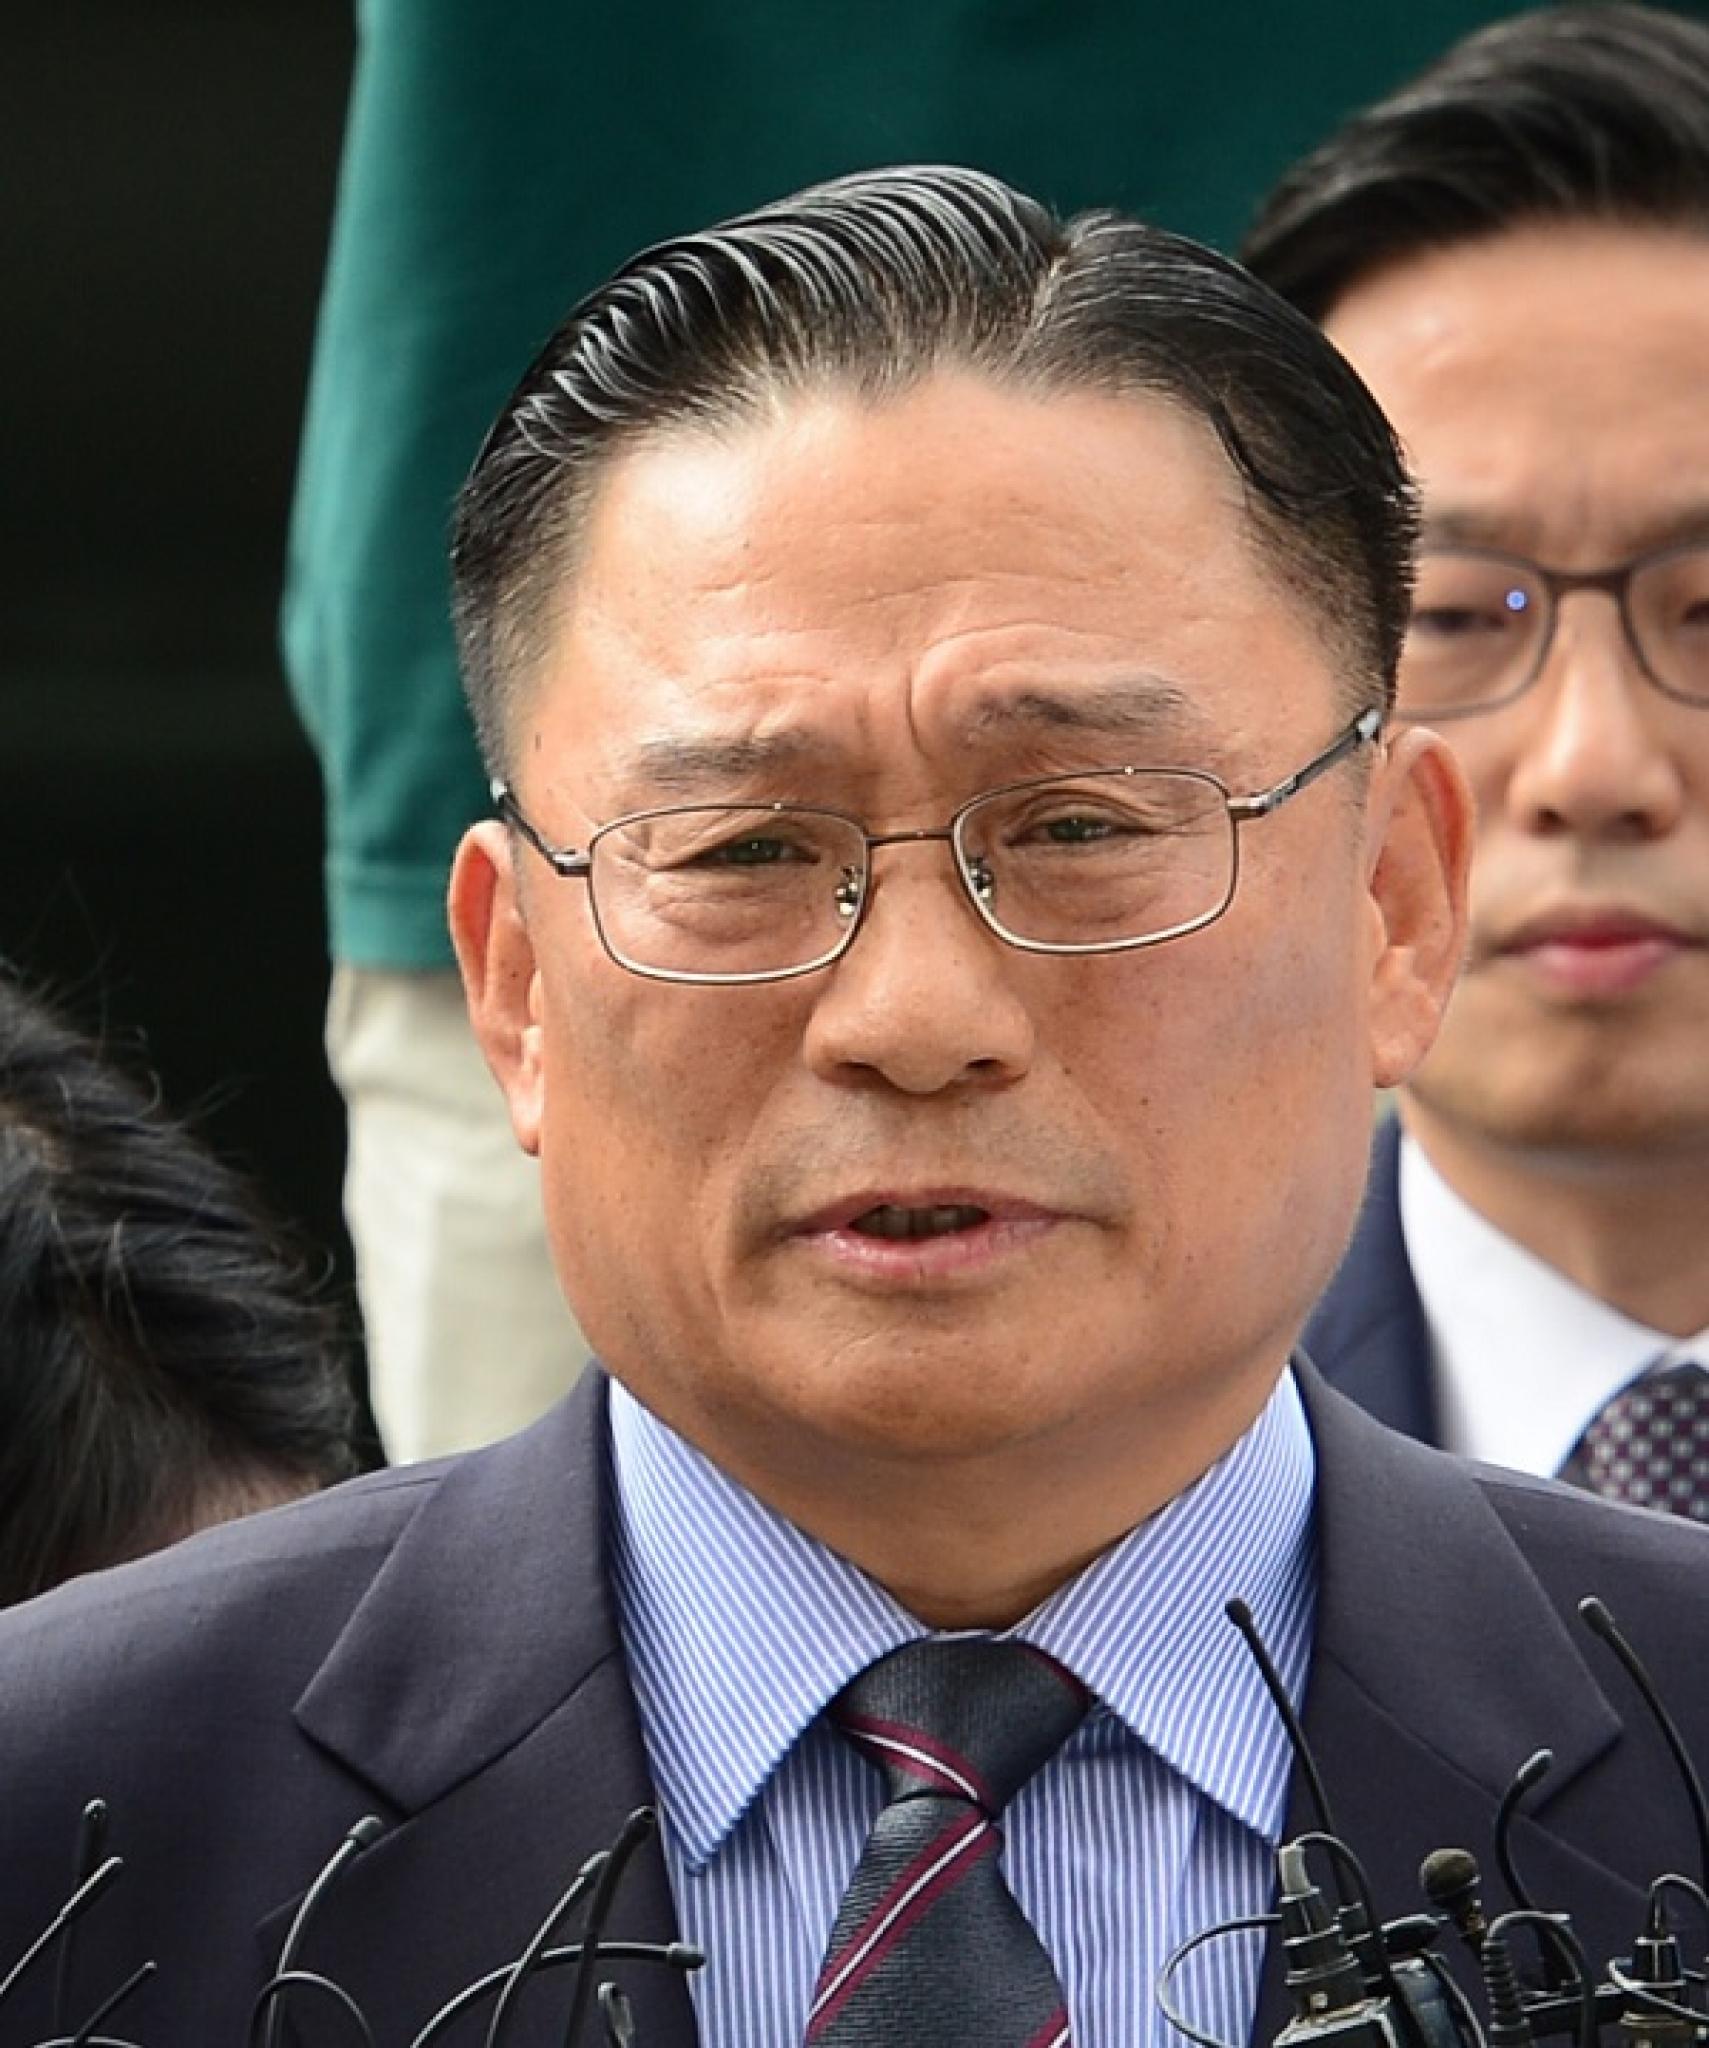 공관병 갑질 의혹을 받고 있는 박찬주 육군 제2작전사령관(대장)이 지난 8일 서울 용산구 국방부 검찰단에 피의자 신분으로 출석하고 있다. /사진=뉴시스